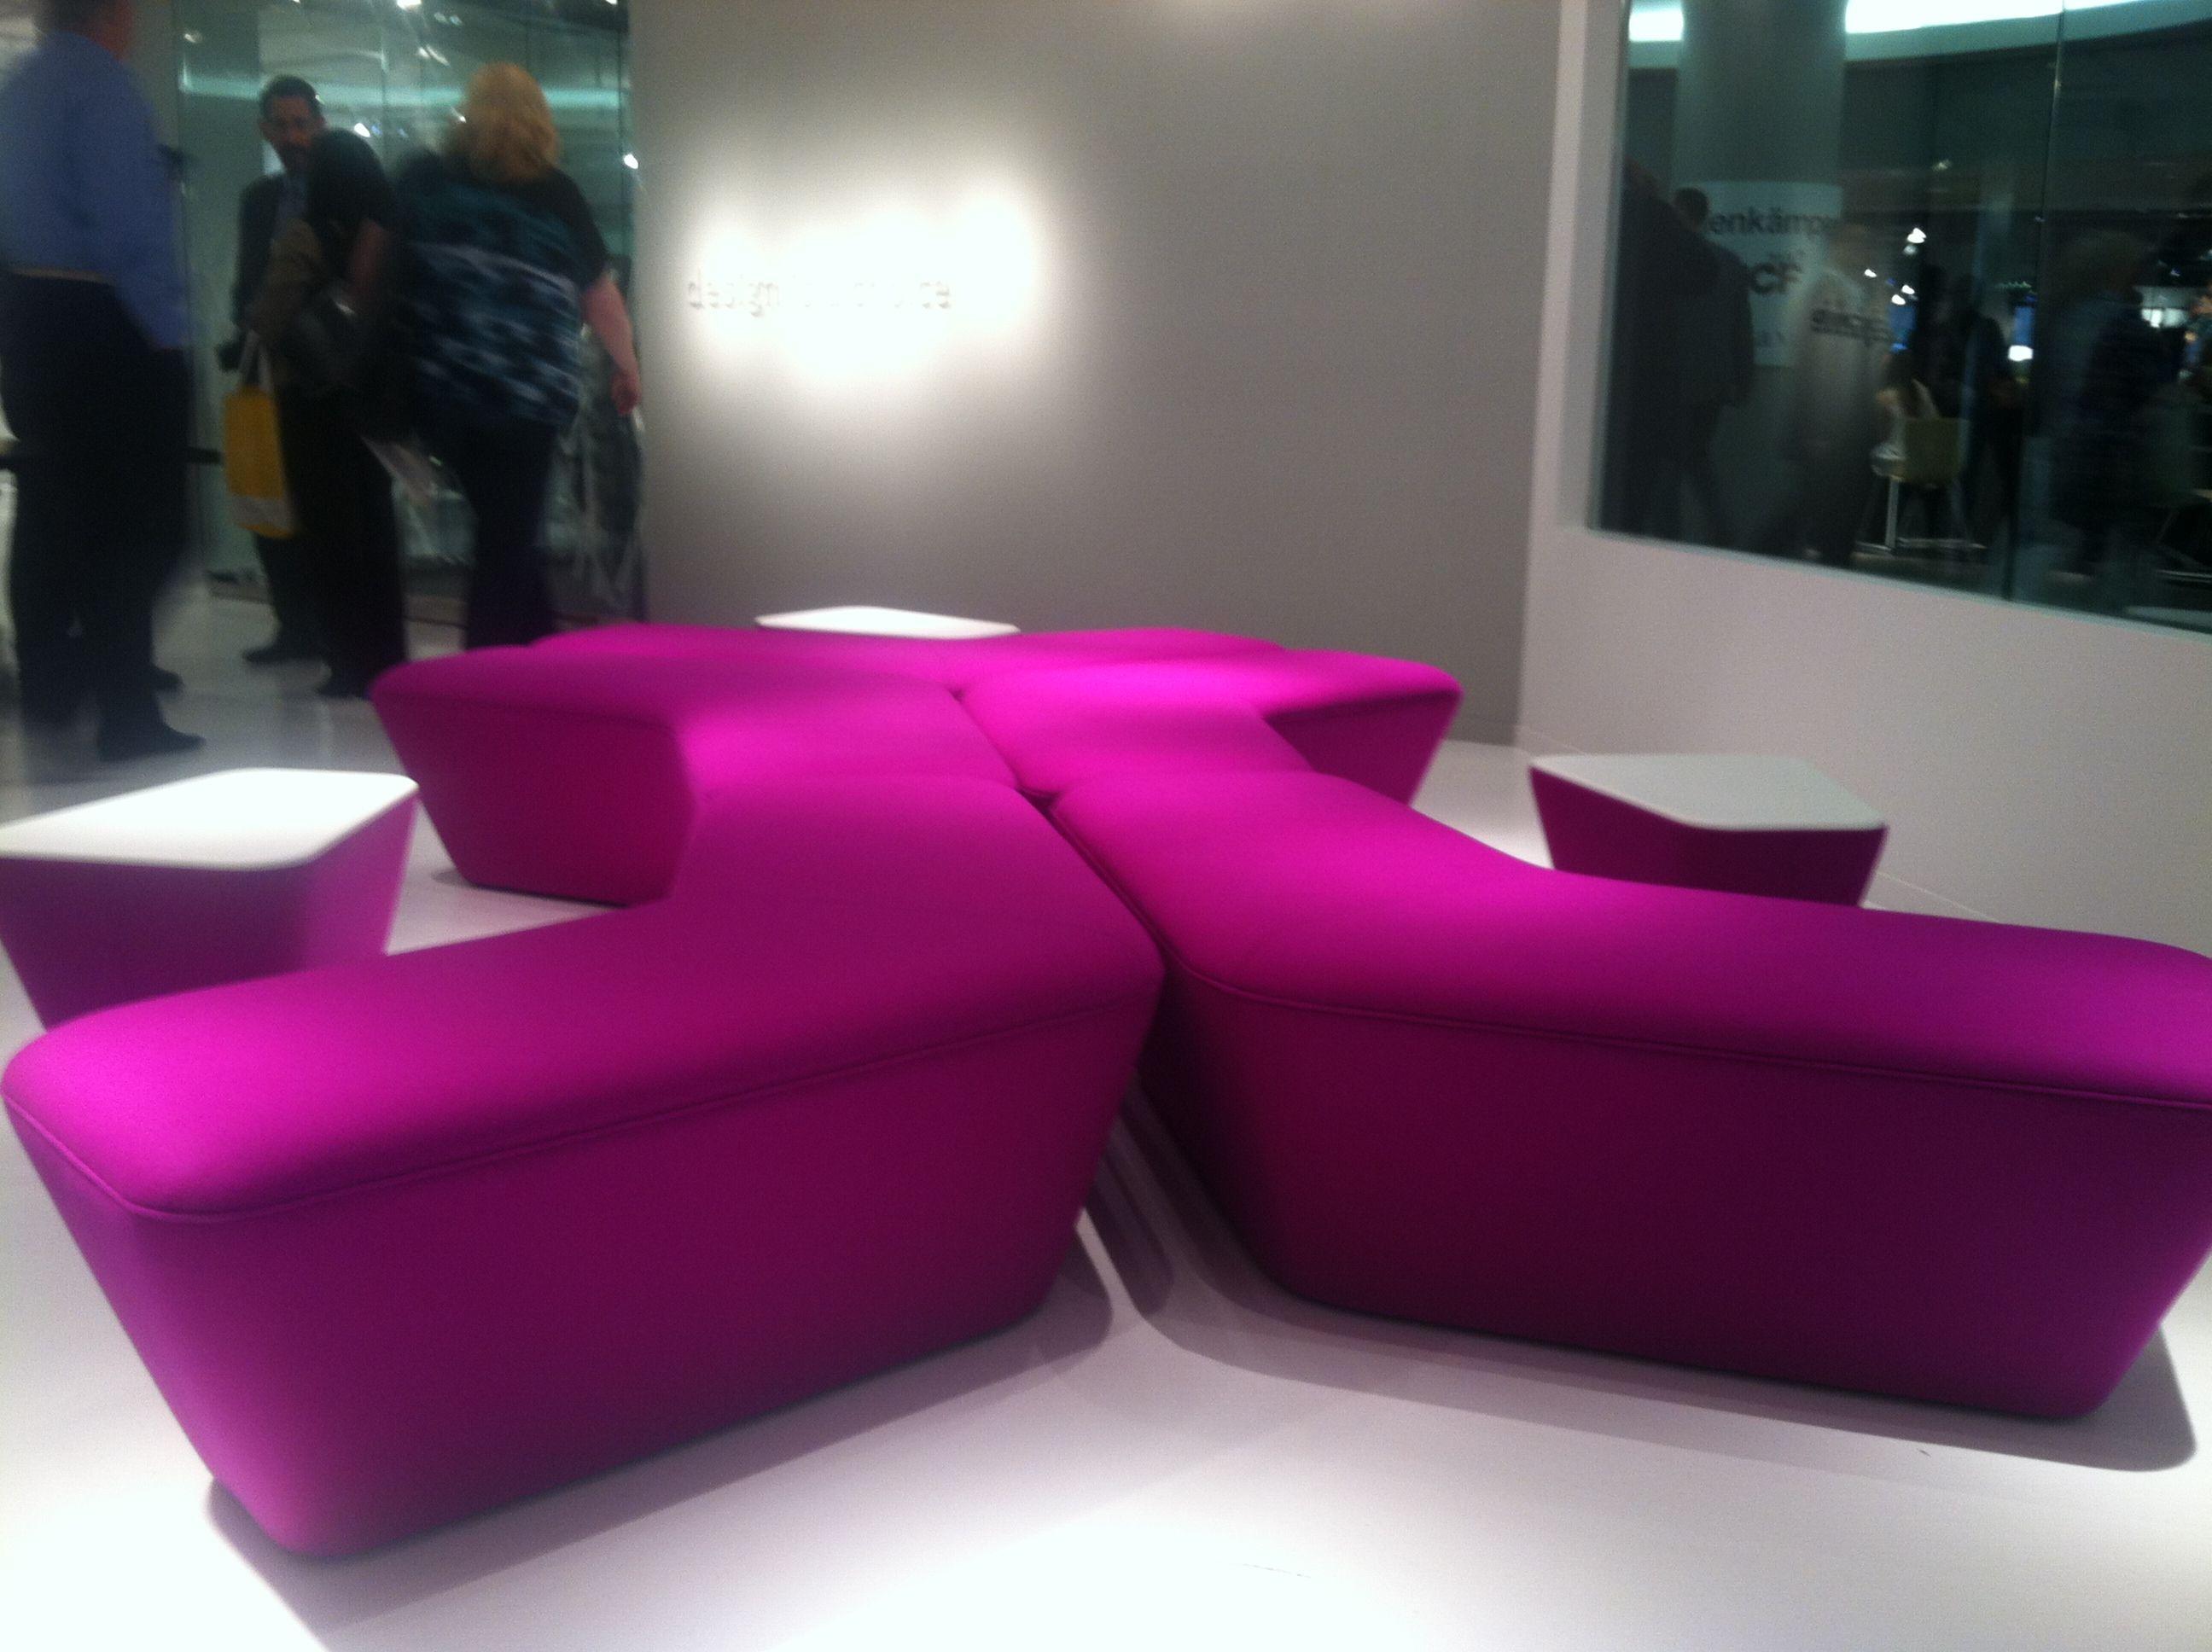 Davis q5 visual comfort bean bag chair home decor